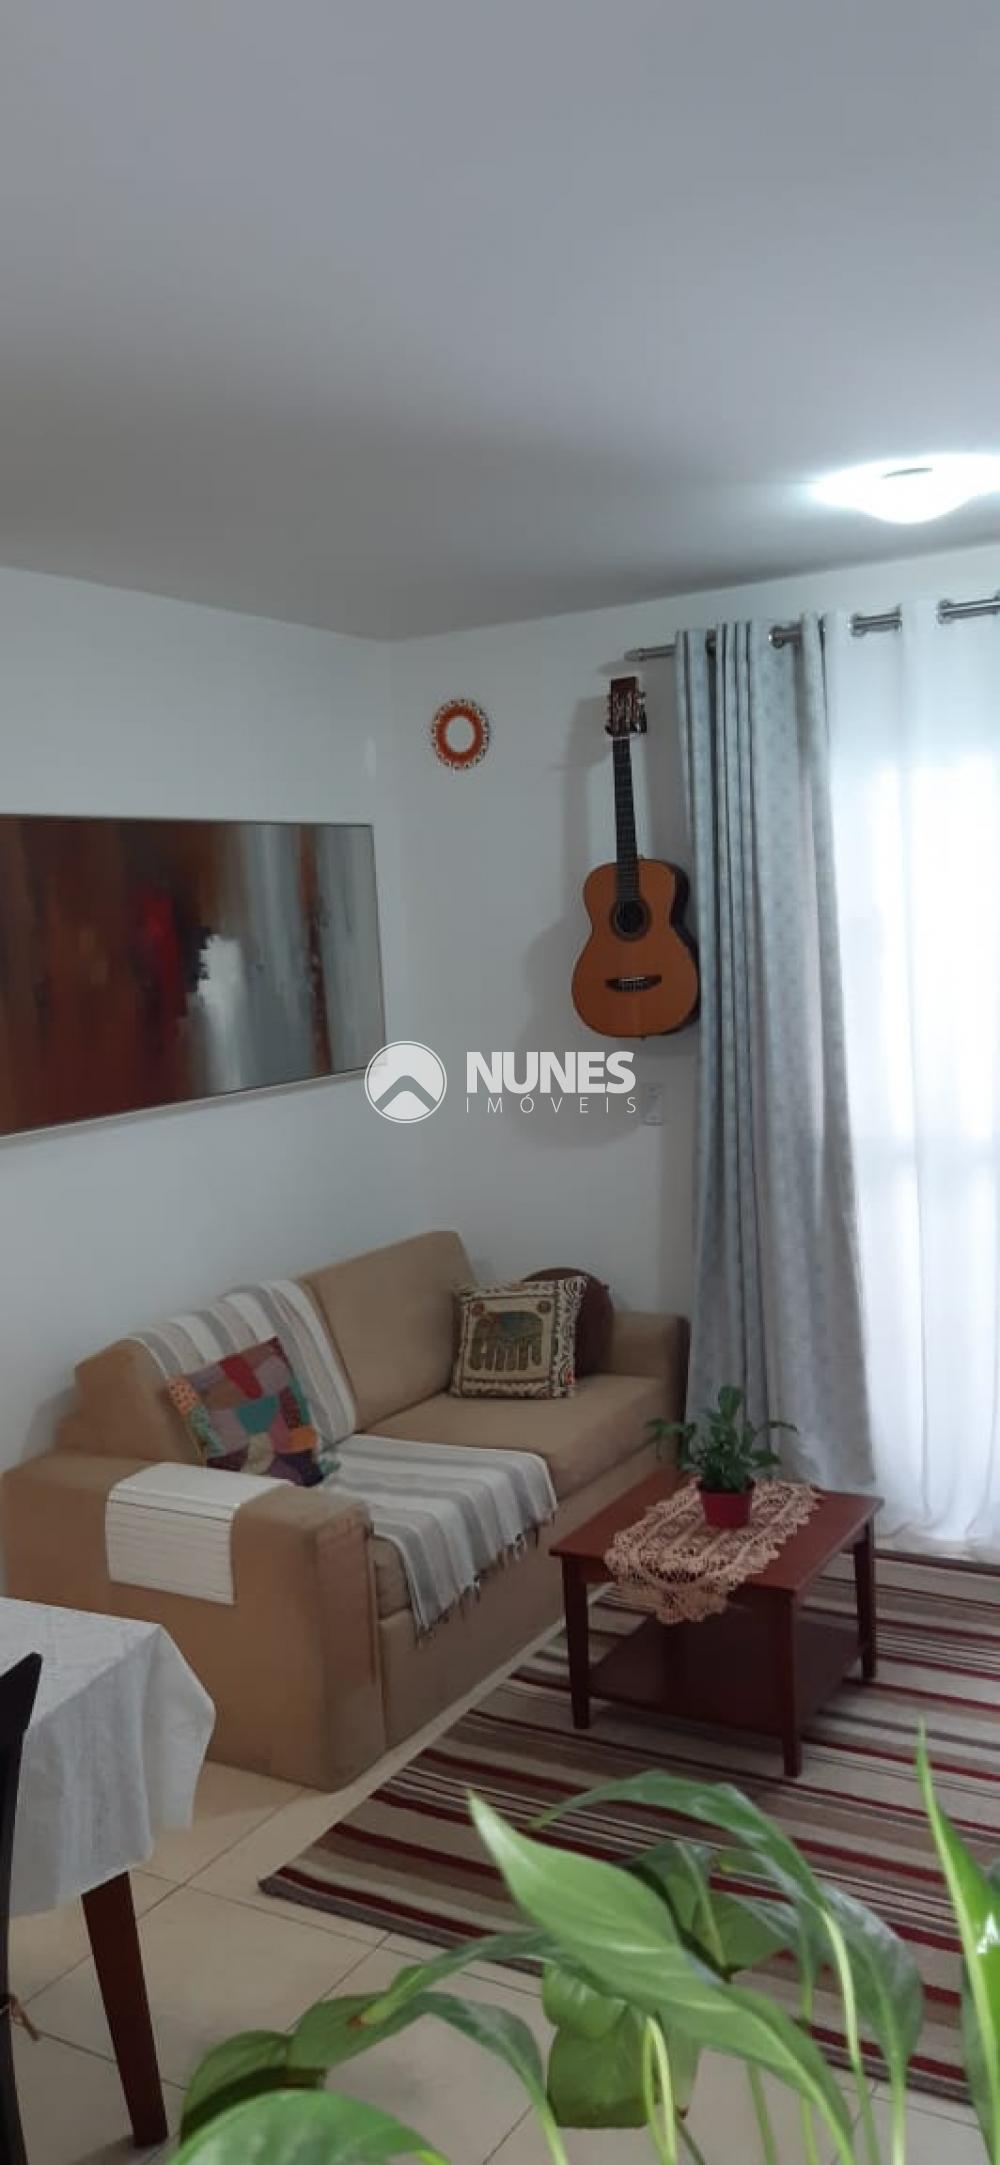 Comprar Apartamento / Padrão em Cotia apenas R$ 350.000,00 - Foto 1